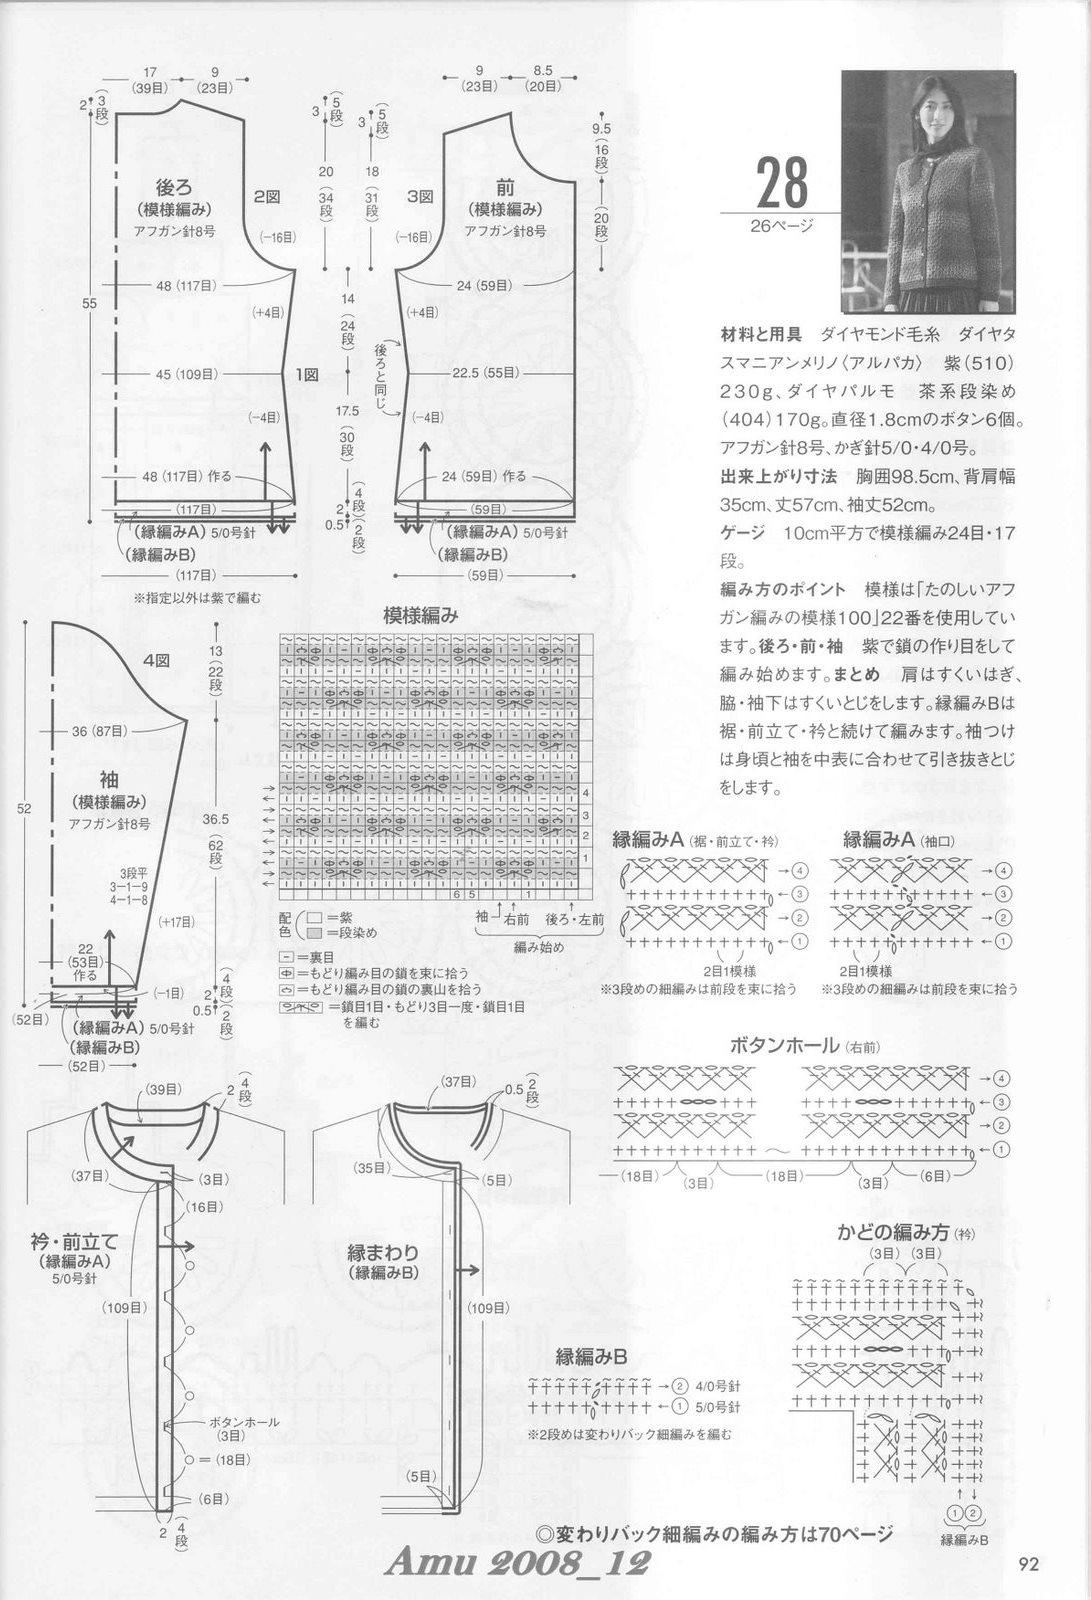 1826_Amu 2008_12_Page_026 (2)